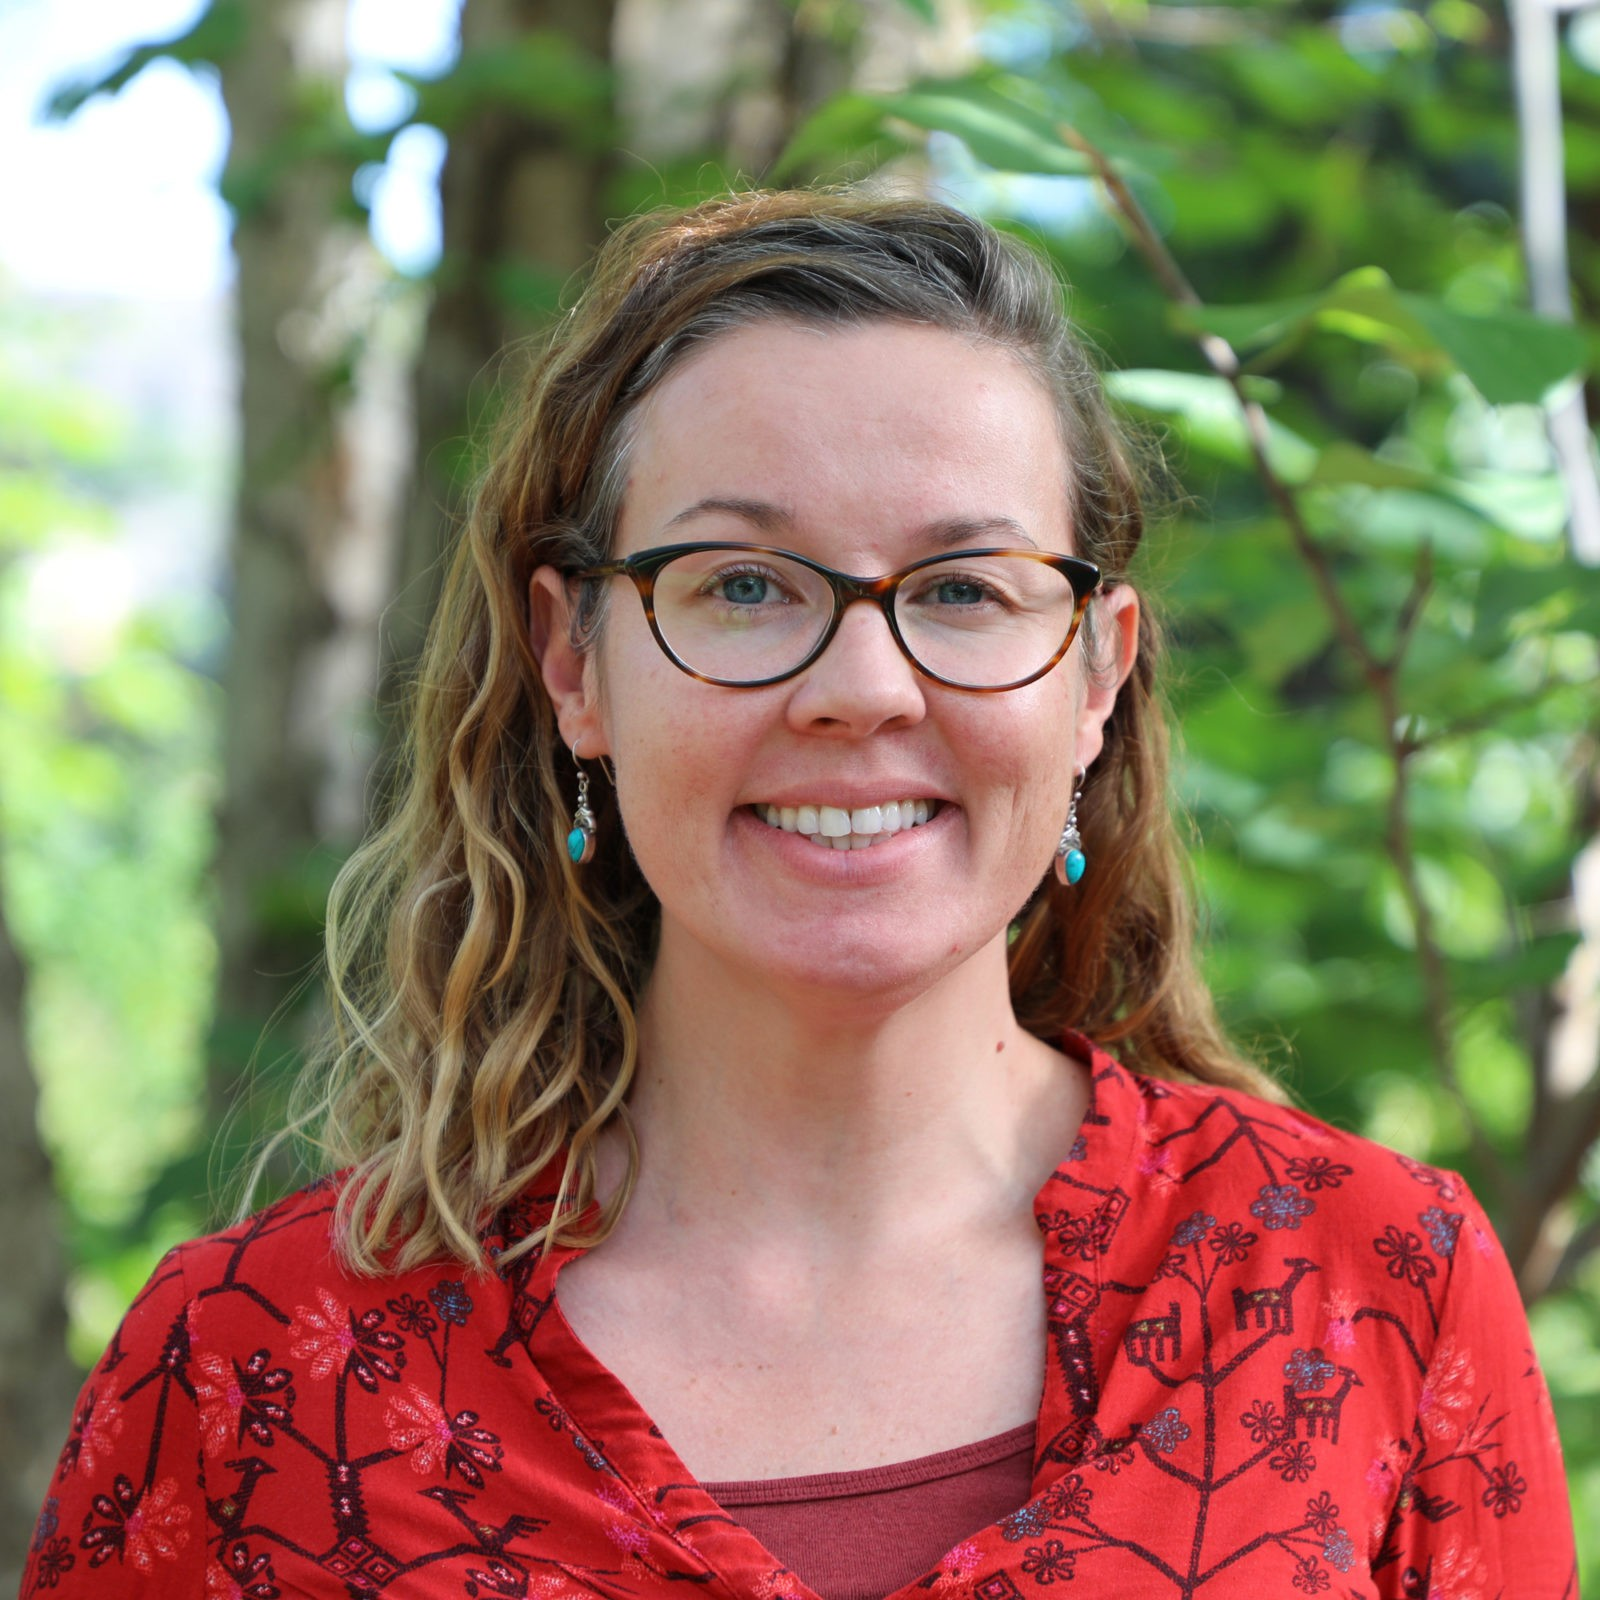 Melanie K. Taylor